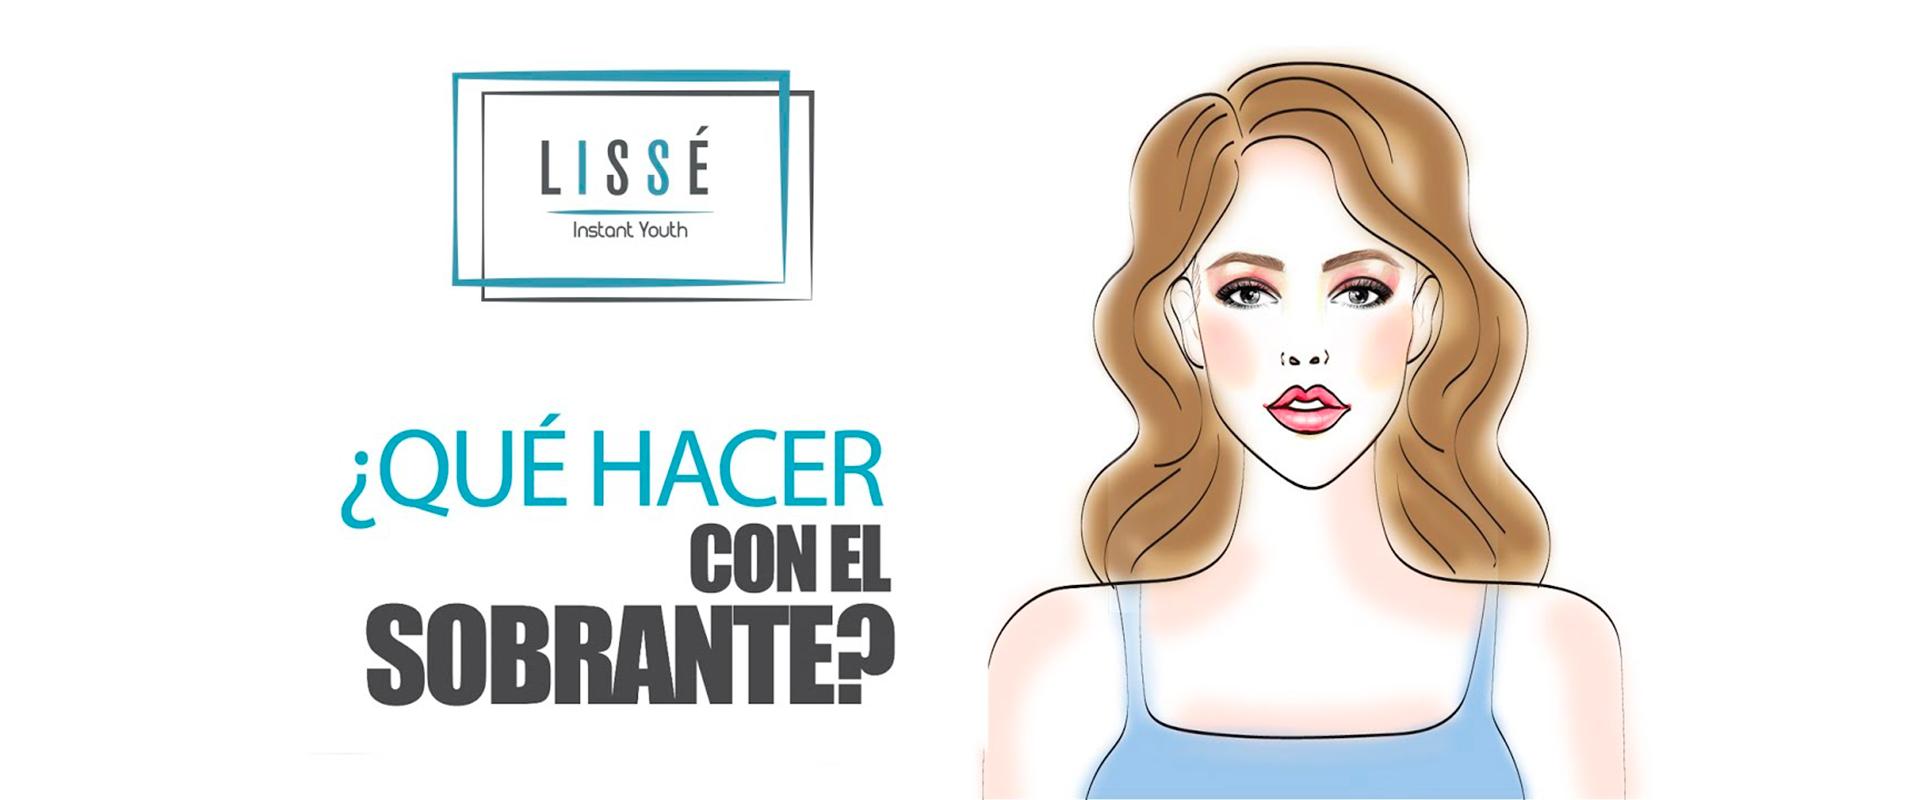 Imagen con ilustración para saber qué hacer si LISSE, producto de belleza, sobra luego de usarlo.